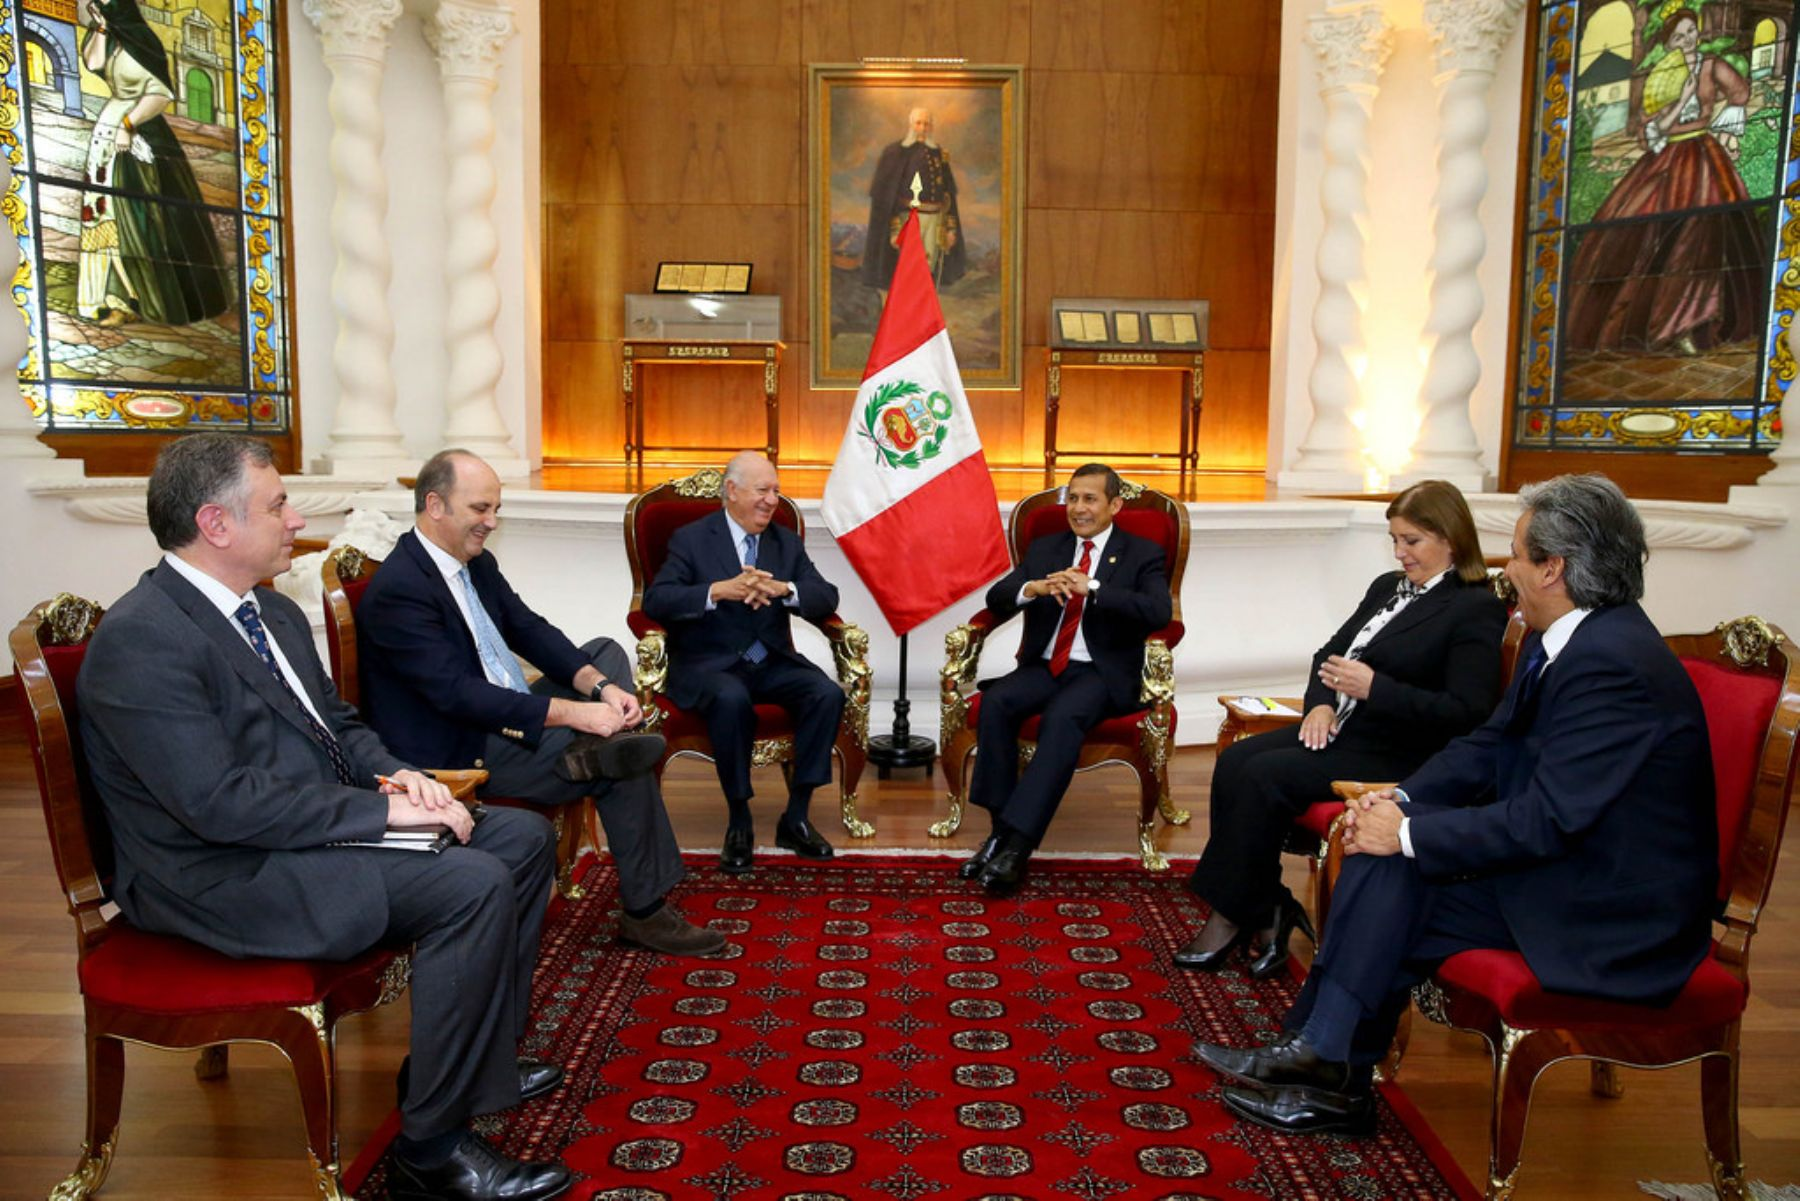 El Presidente peruano, Ollanta Humala Tasso, recibe al exmandatario chileno Ricardo Lagos en una audiencia en Palacio de Gobierno. Foto: ANDINA/Presidencia.